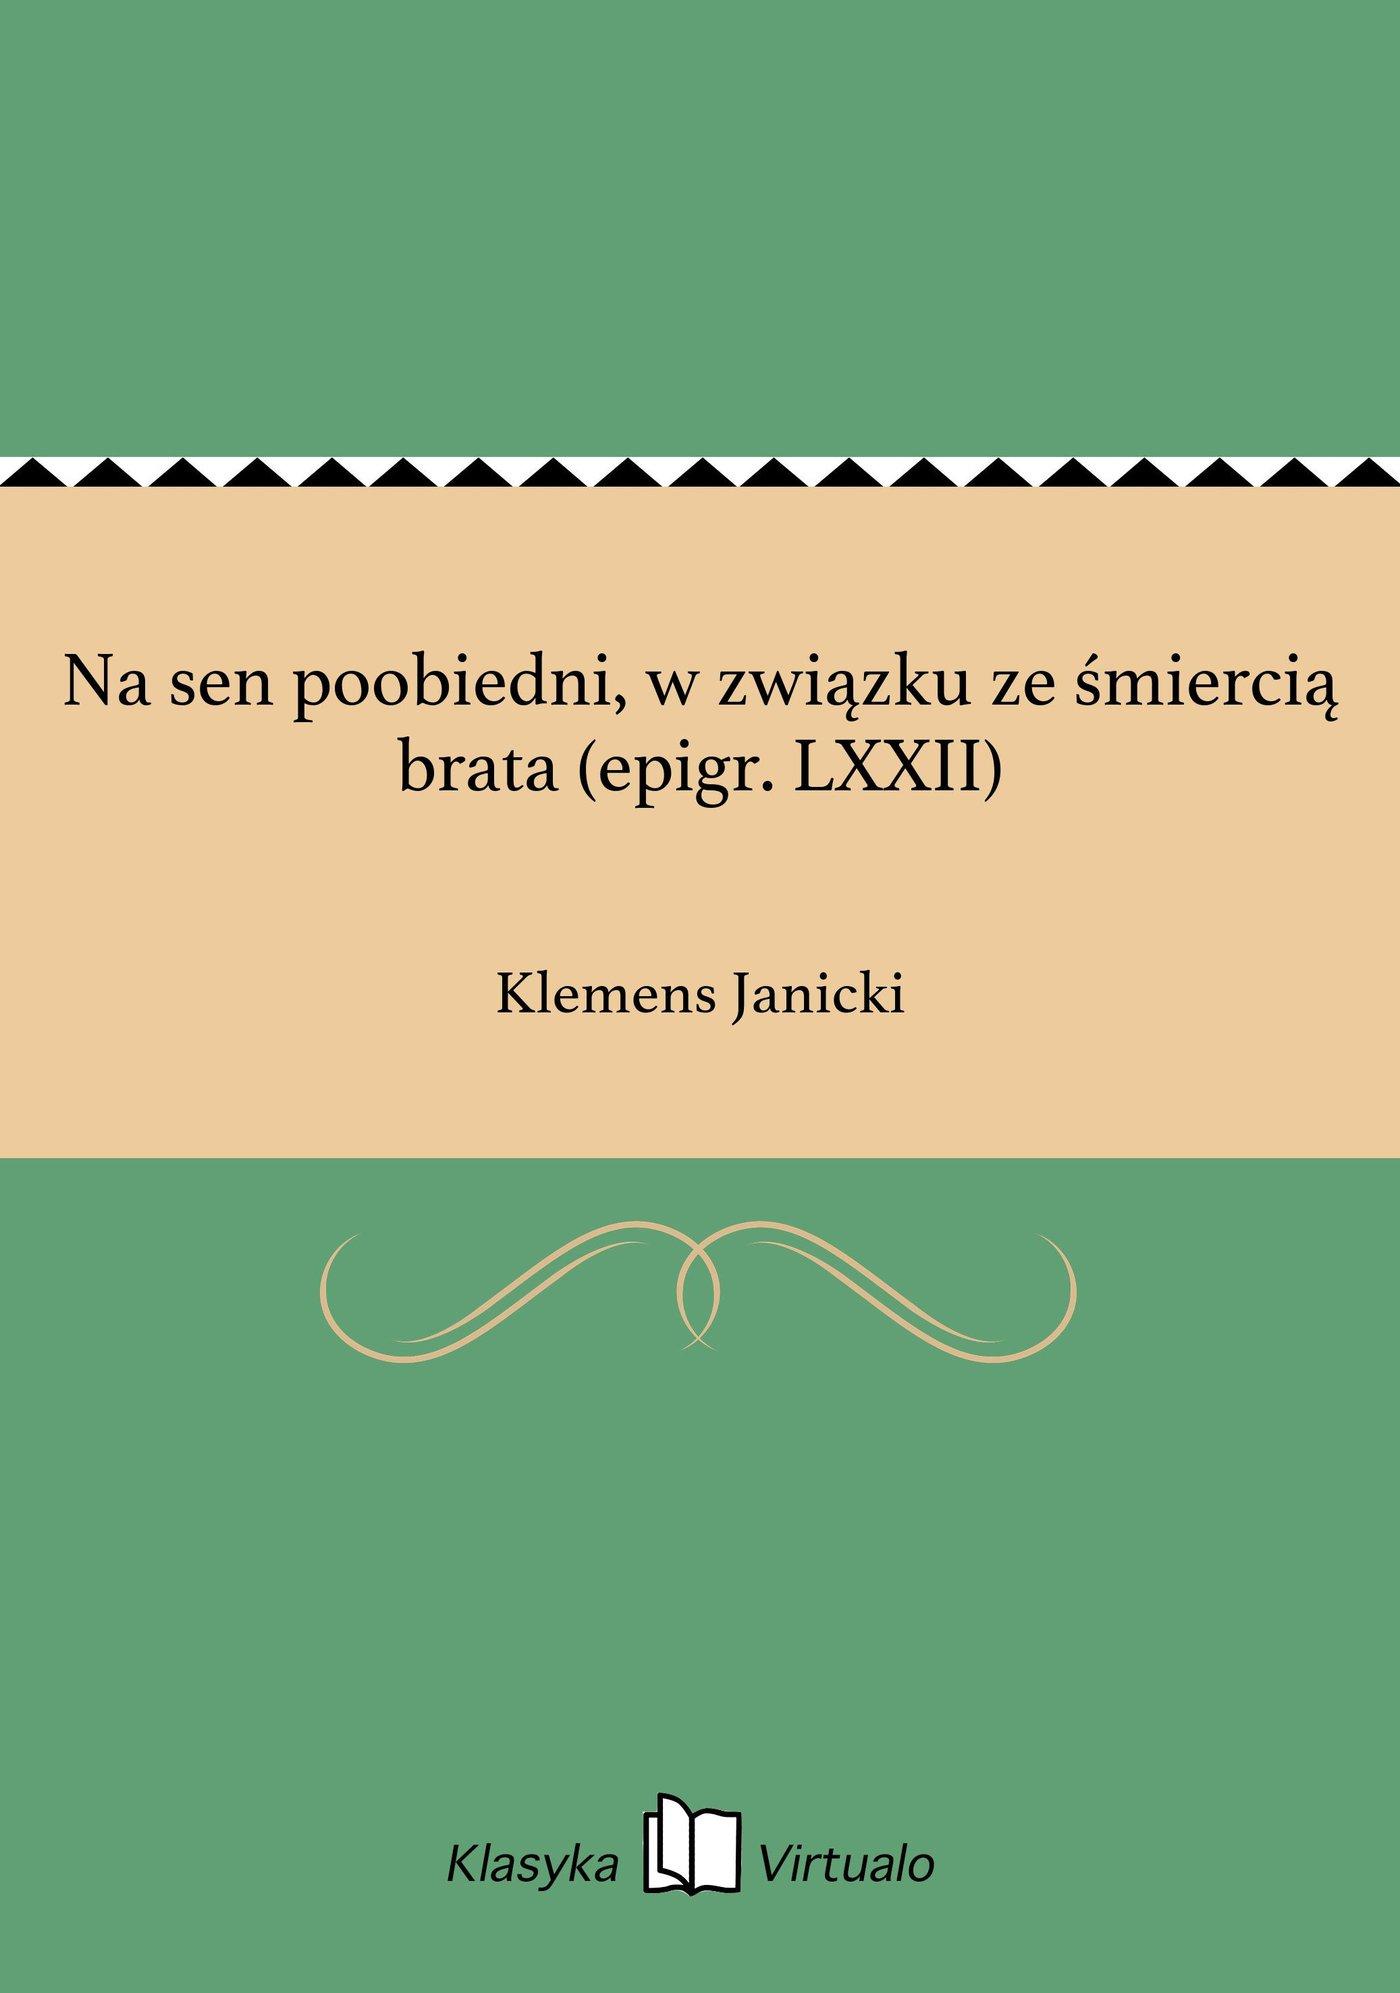 Na sen poobiedni, w związku ze śmiercią brata (epigr. LXXII) - Ebook (Książka EPUB) do pobrania w formacie EPUB